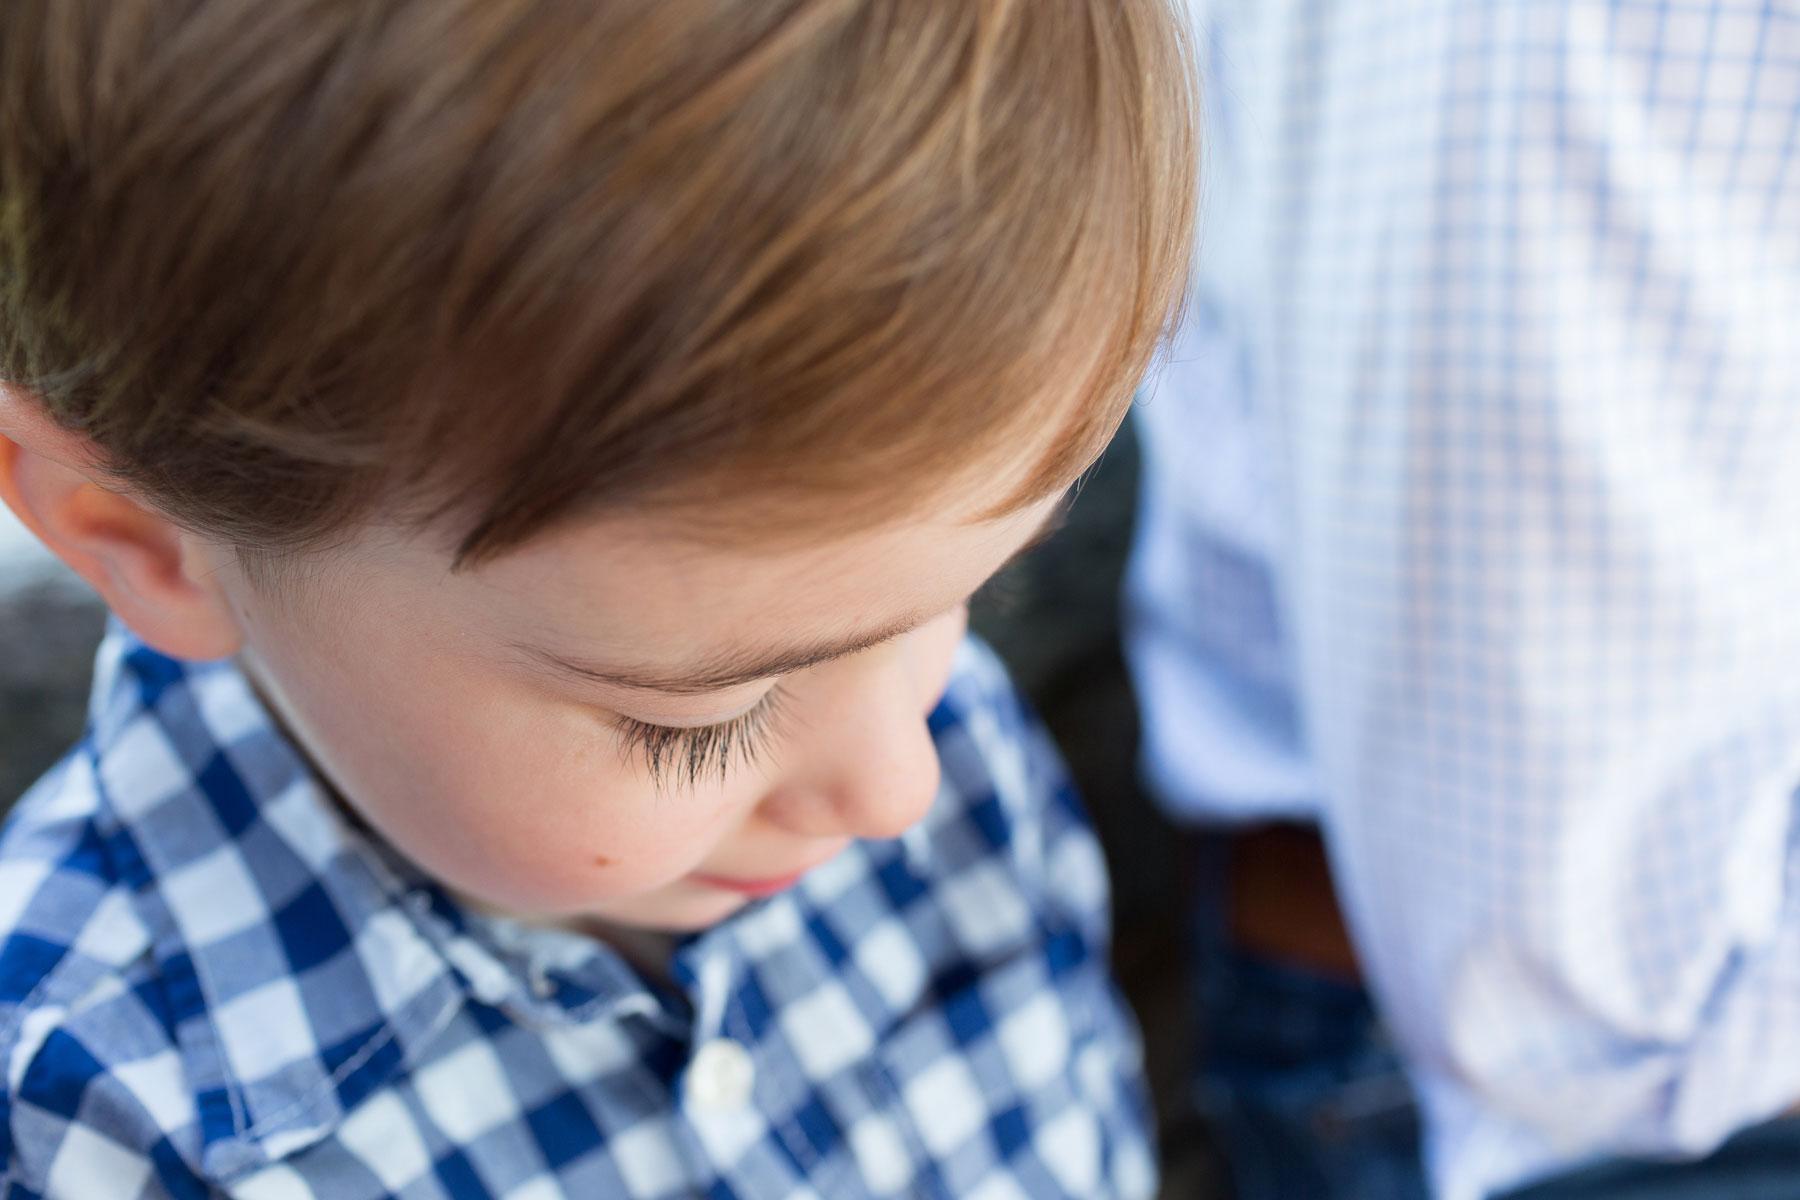 toddler-boy-eyelashes-closeup